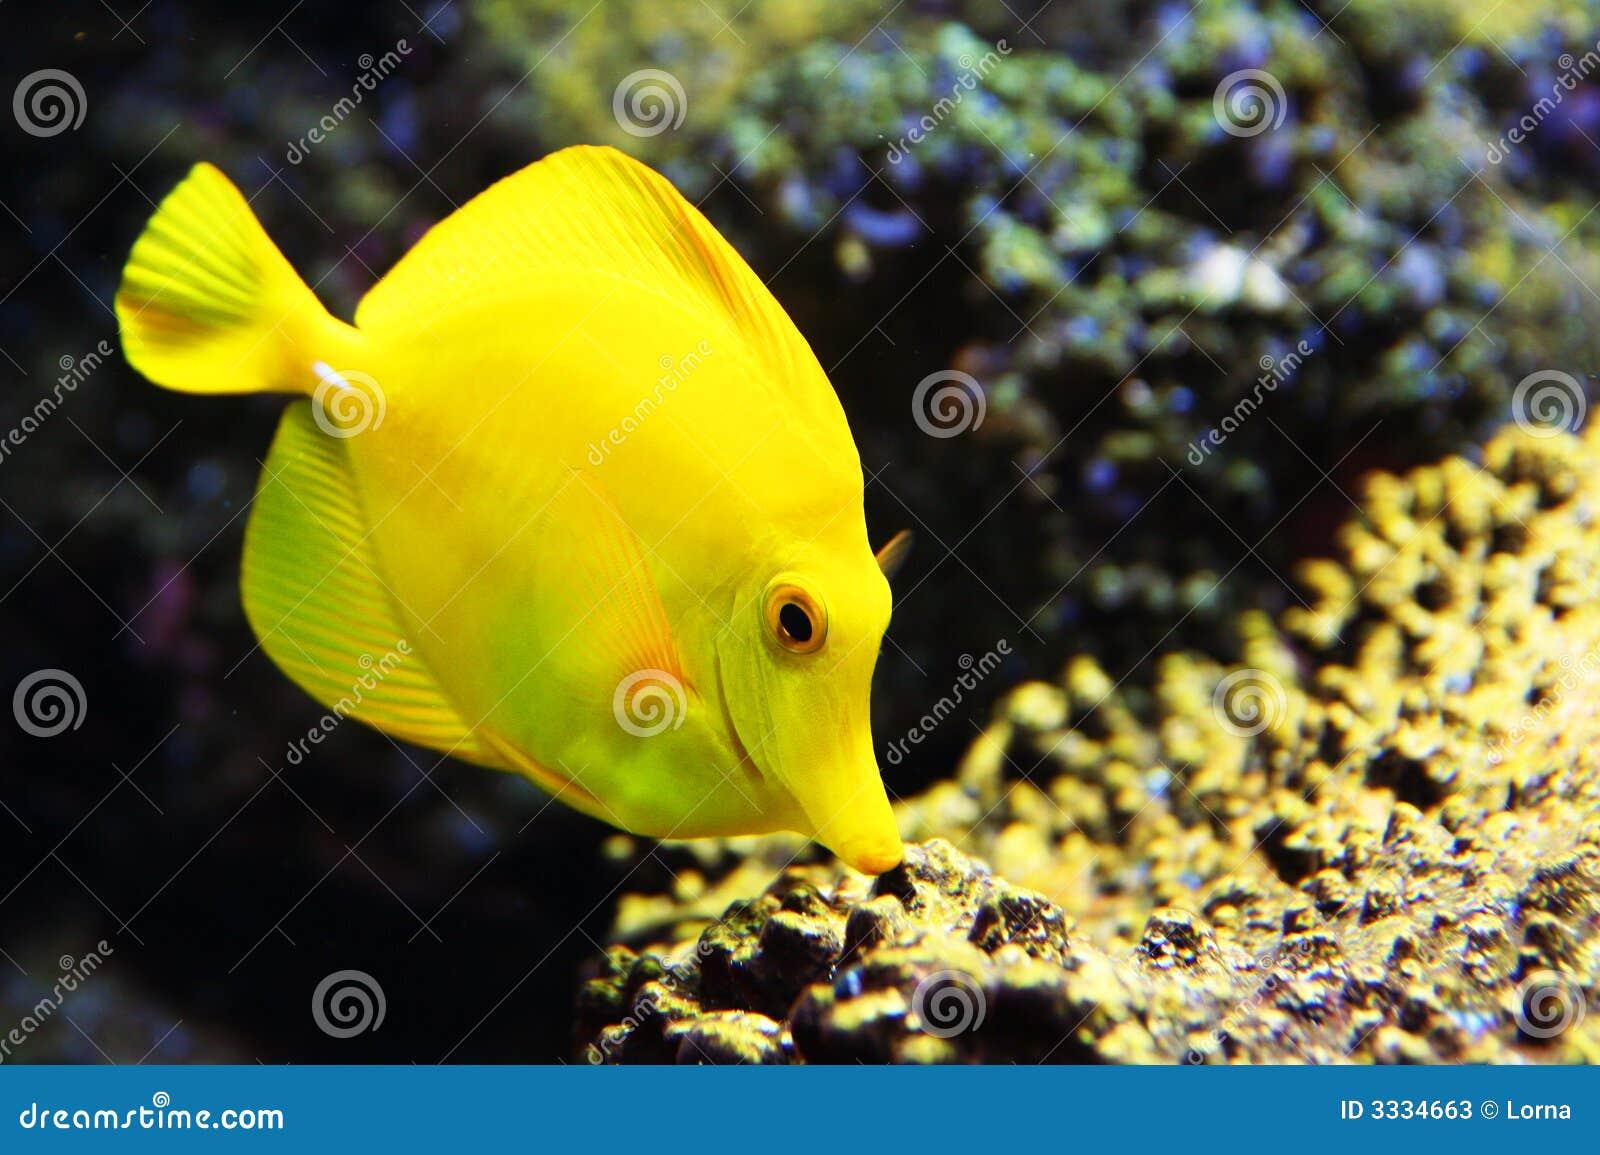 Tropical yellow tang aquarium fish stock image image of for Dreaming of fish